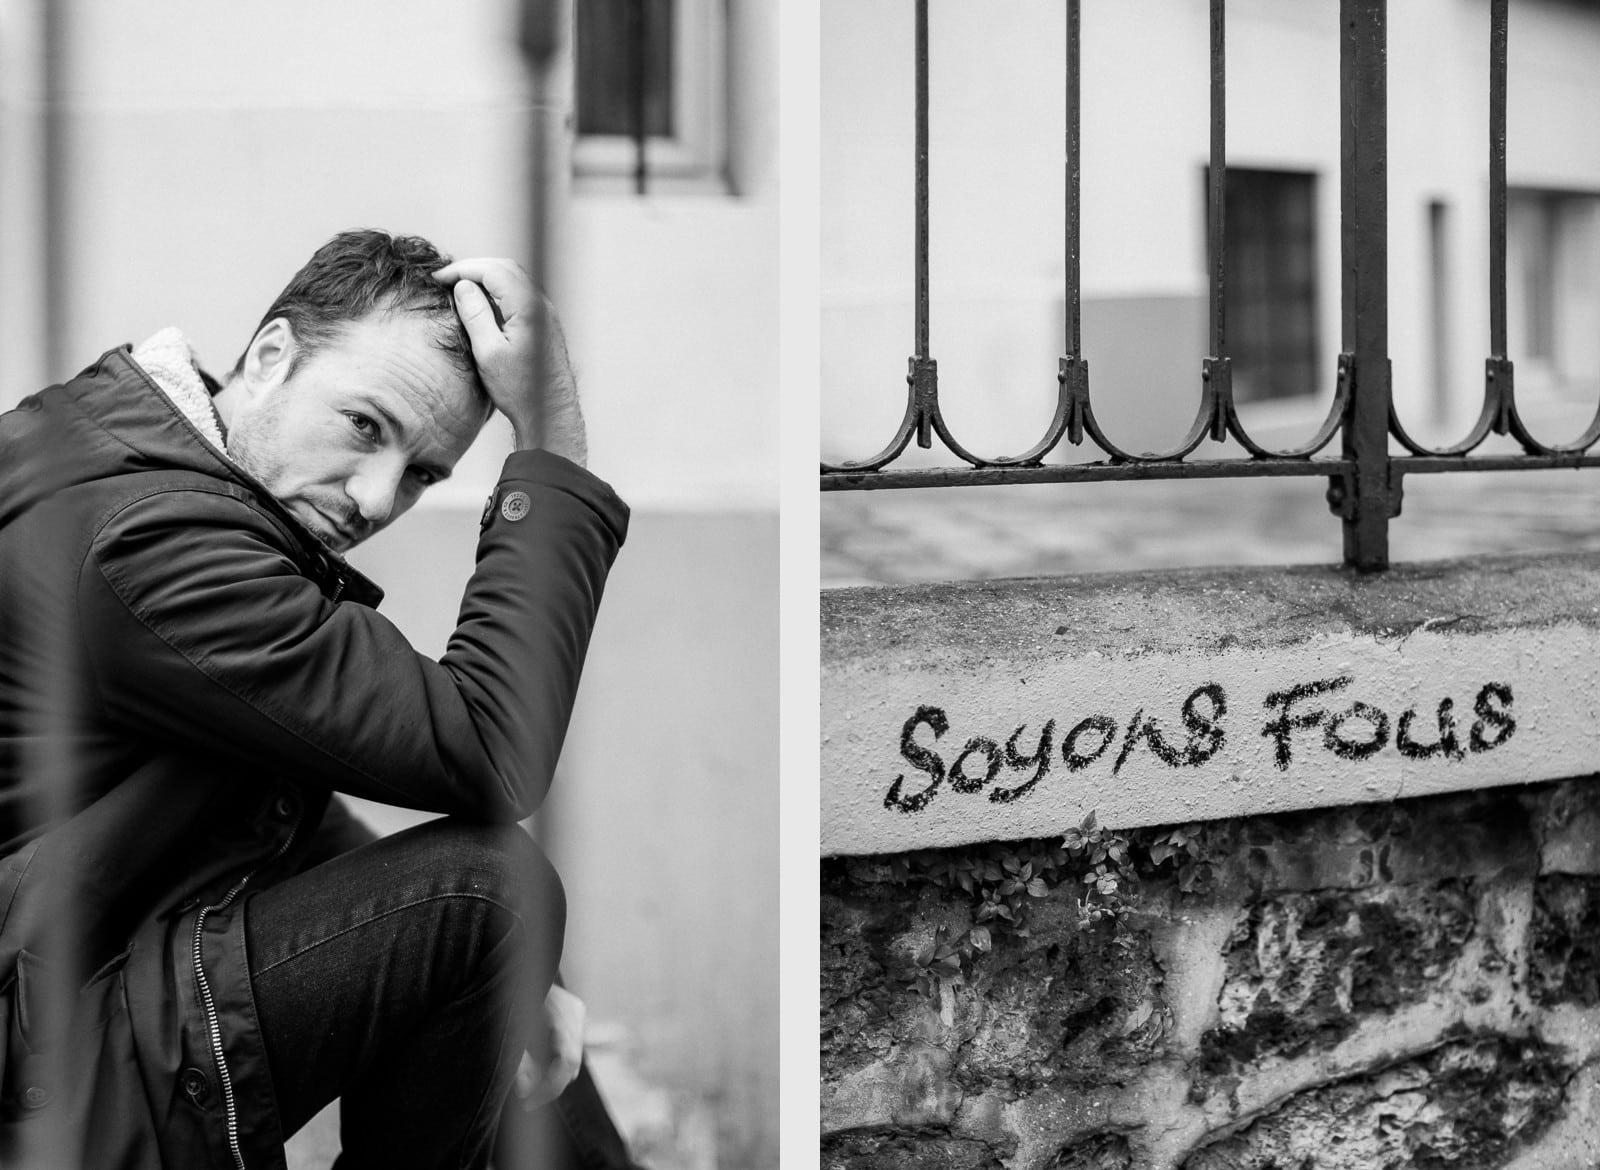 Photographie de Mathieu Dété, photographe de mariage et portrait sur l'île de la Réunion (974), présentant un portrait du chanteur Benoît Dorémus assis sur un escalier